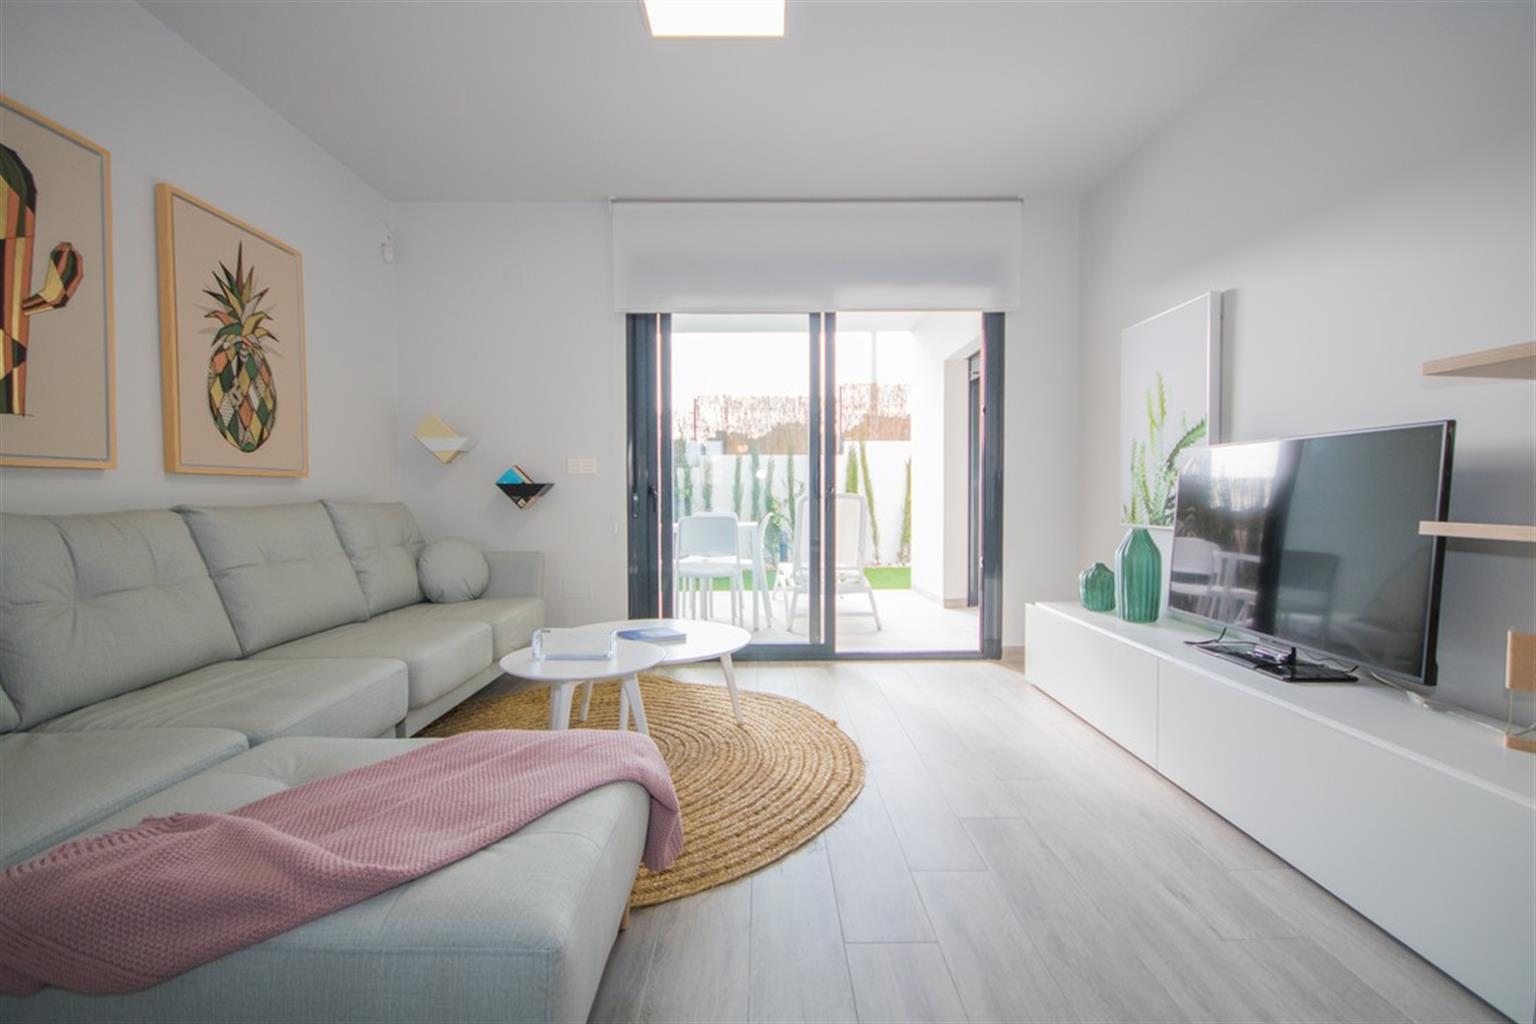 Appartement - San Miguel de salinas  - #4231523-9